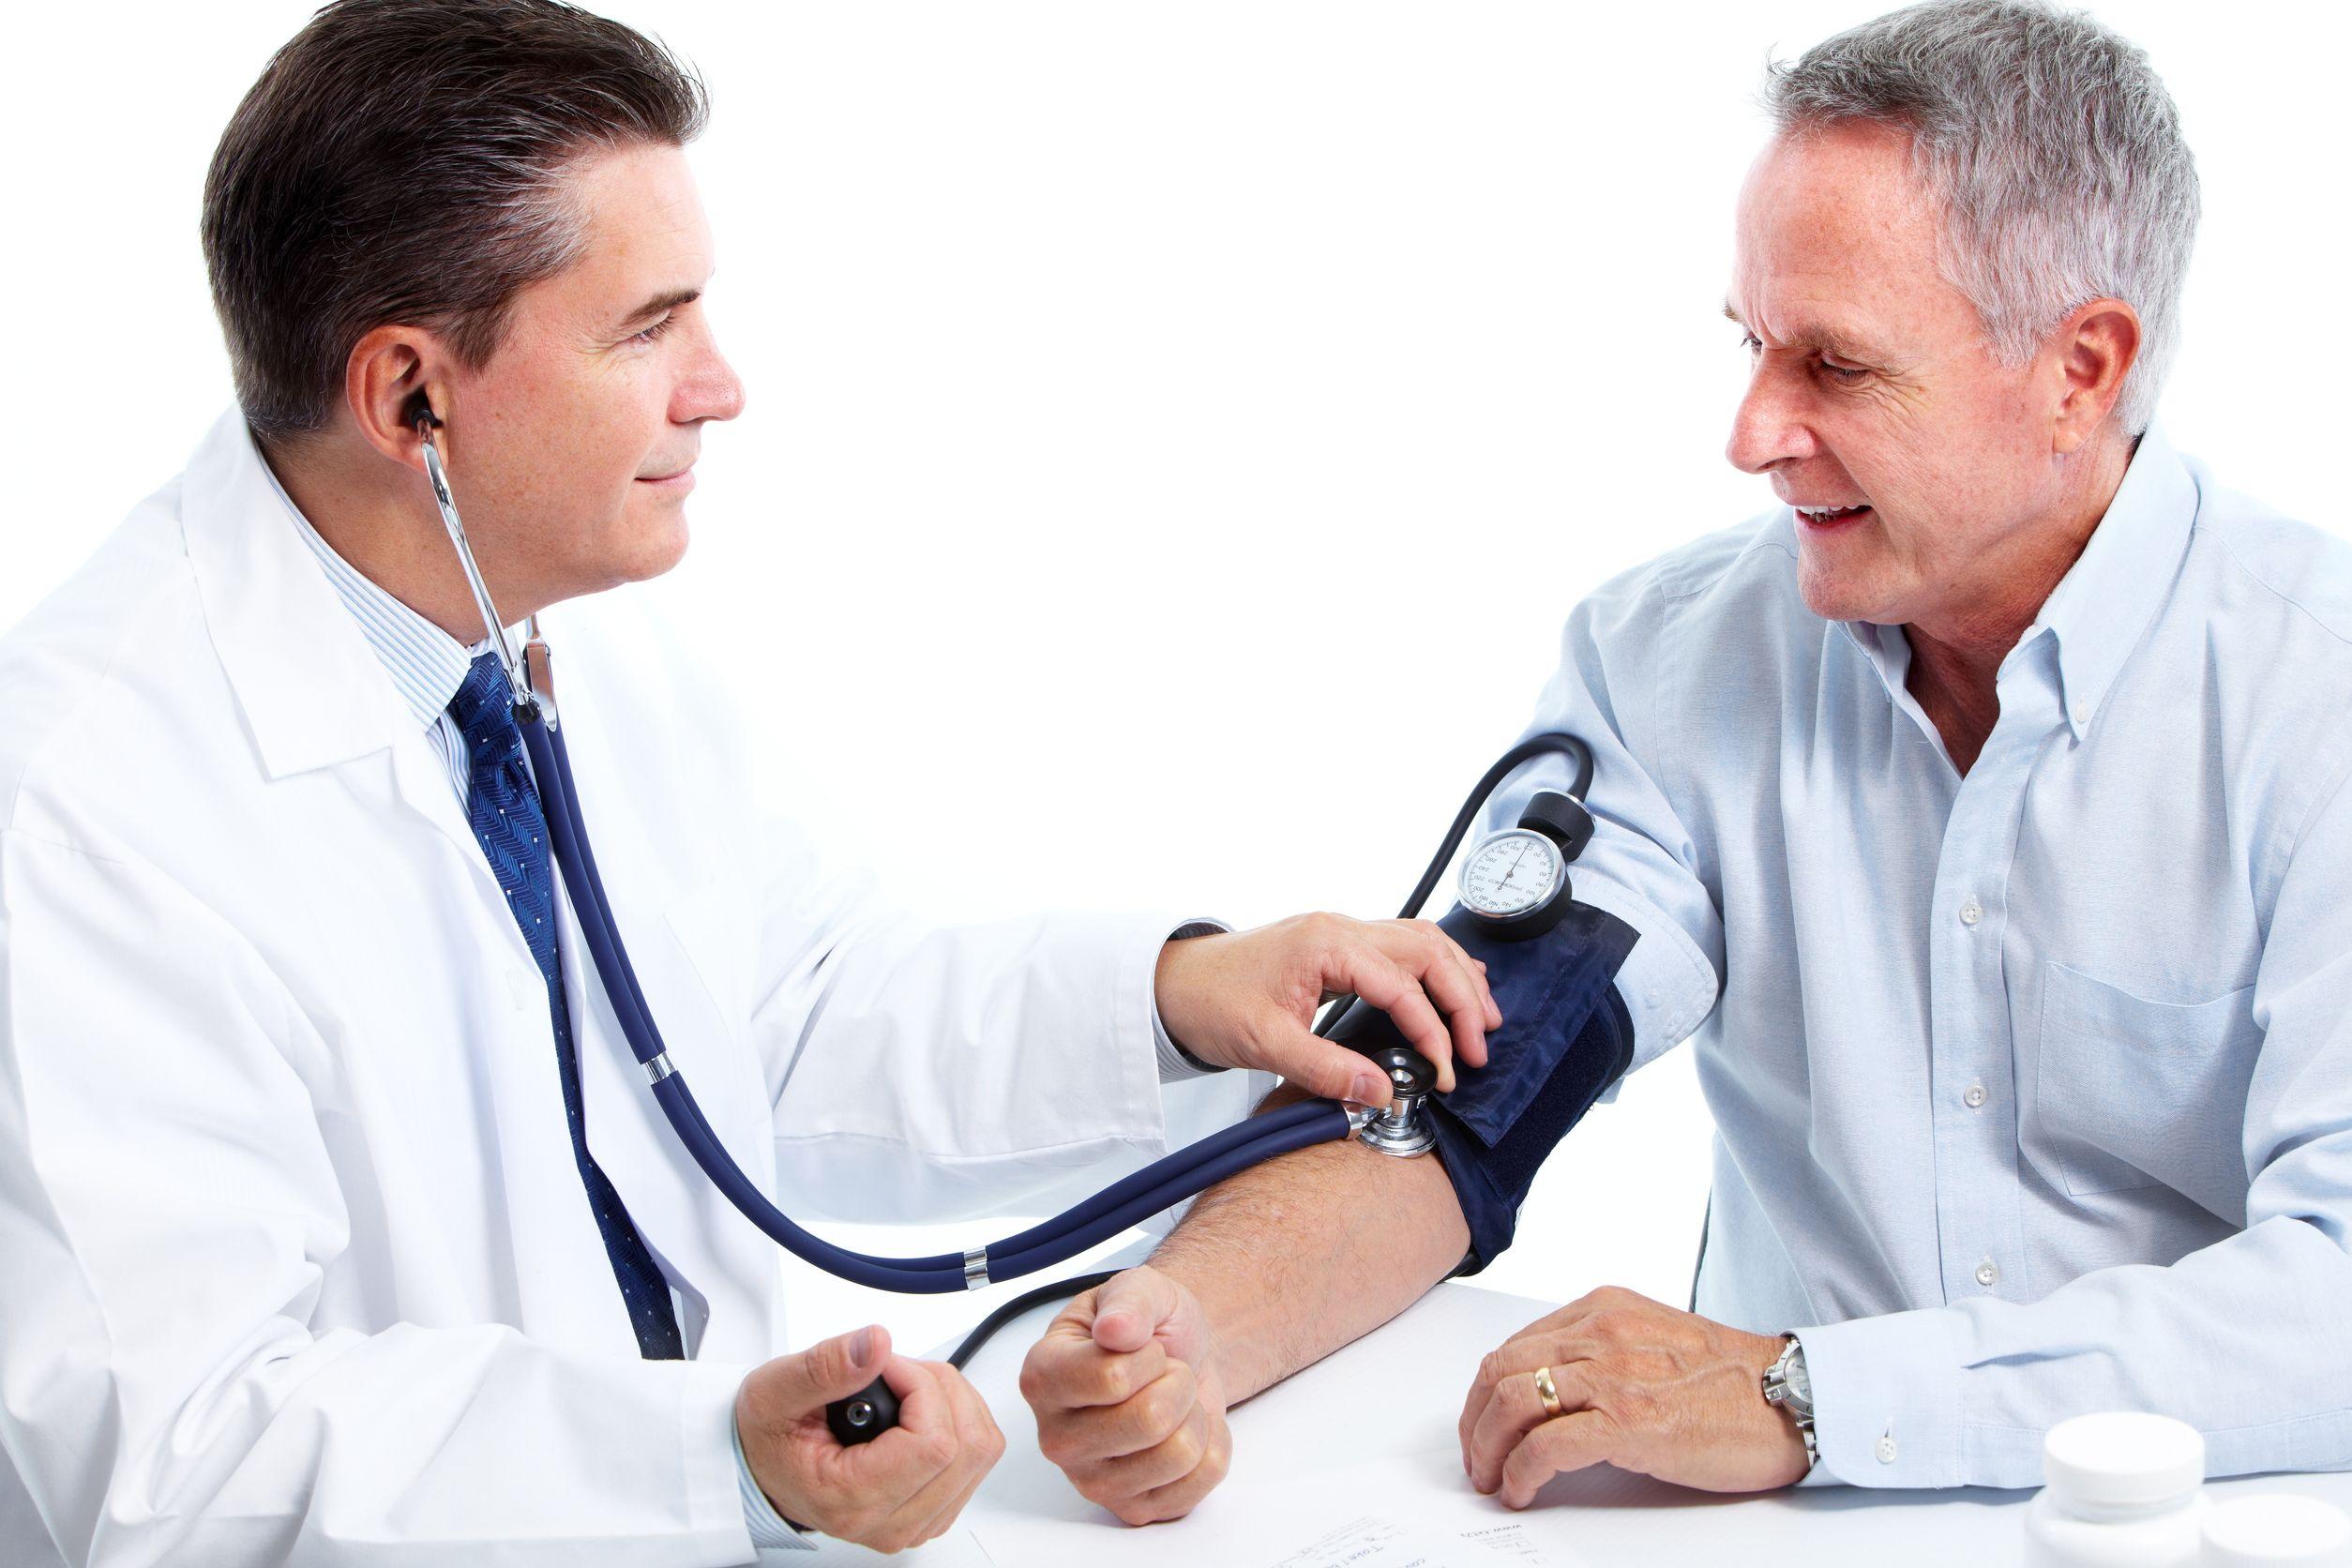 صورة اسباب ارتفاع ضغط الدم , مسببات الارتفاع لضغط الدم